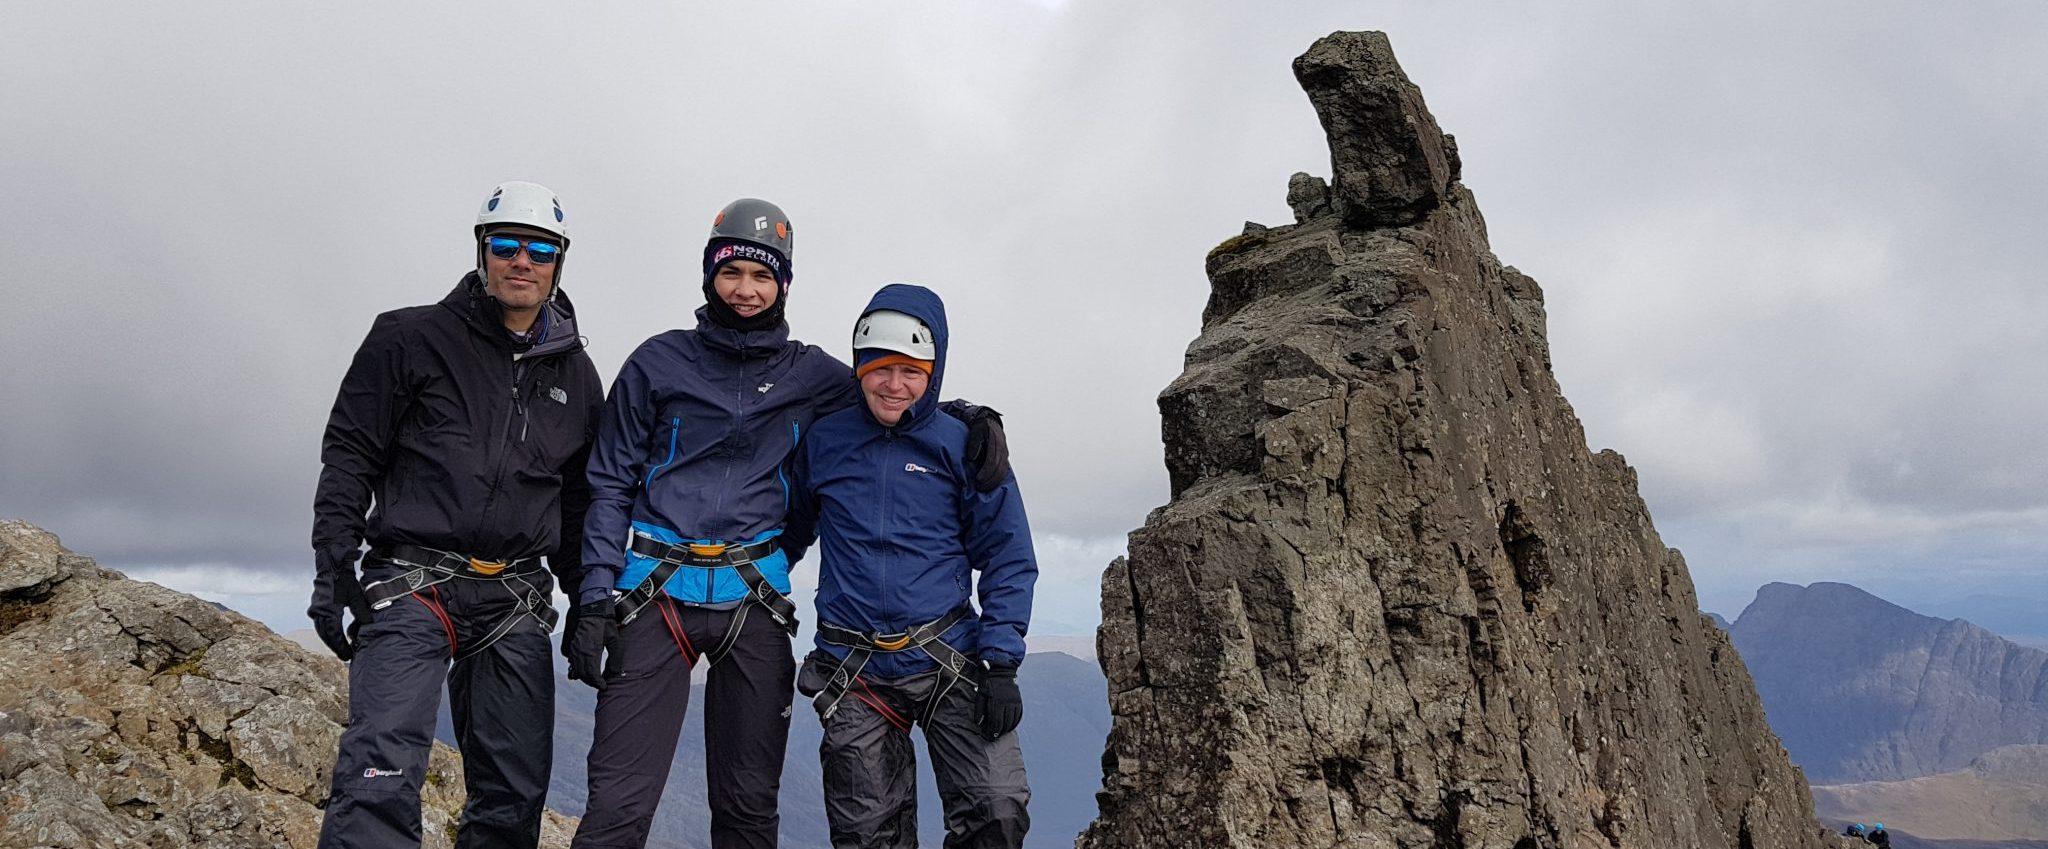 Skye Cuillin Ridge Guide